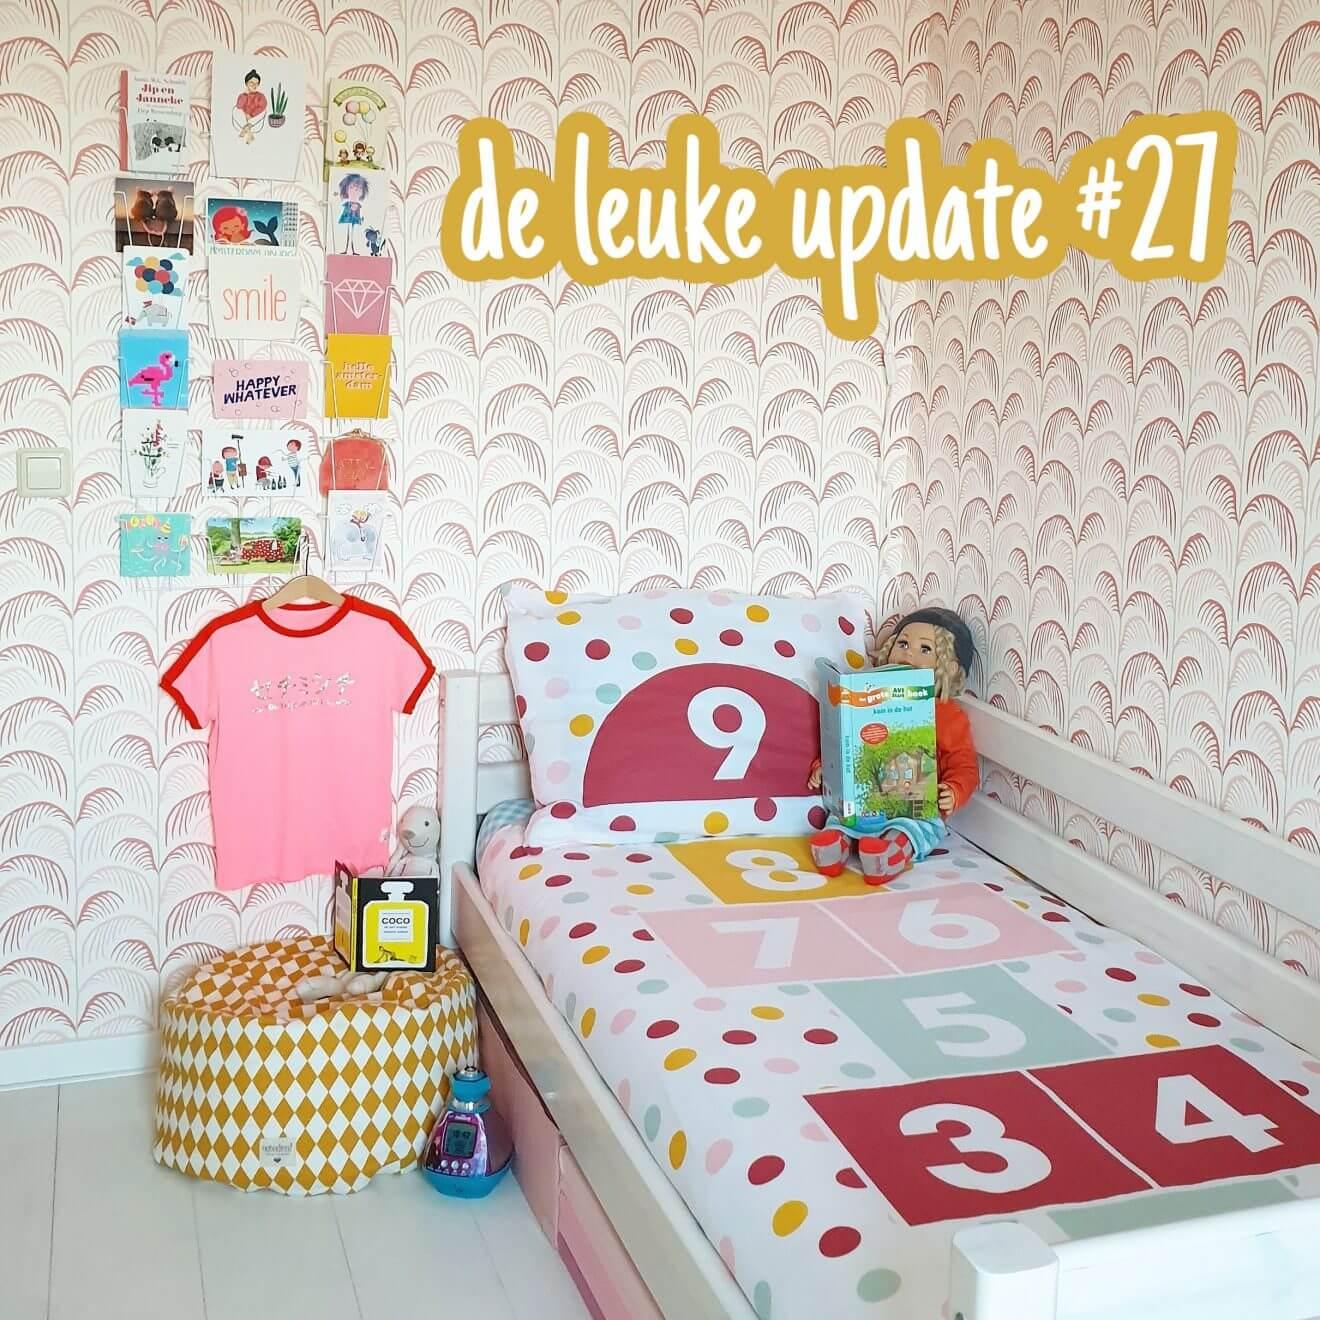 De Leuke Update #27 | nieuwtjes, musthaves en hotspots voor kids